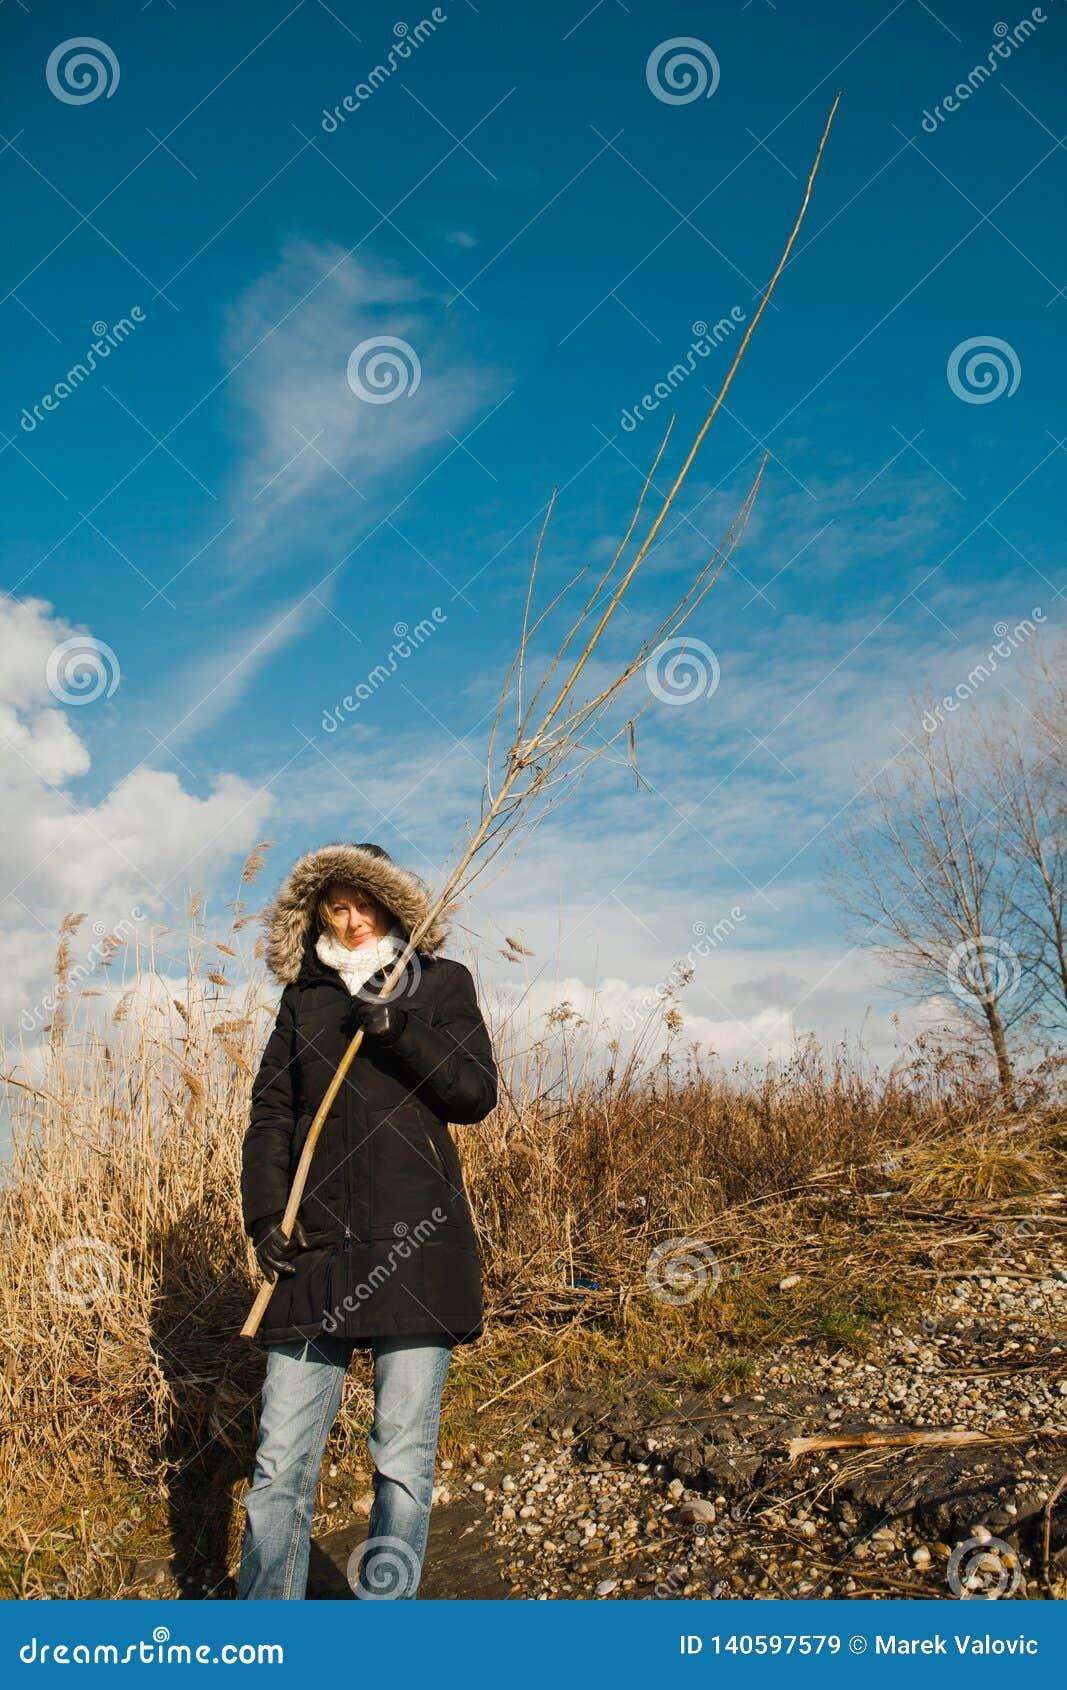 Die Frau, die lang hält, kaufte - sonnigen Tag, das benutzte Umgebungslicht